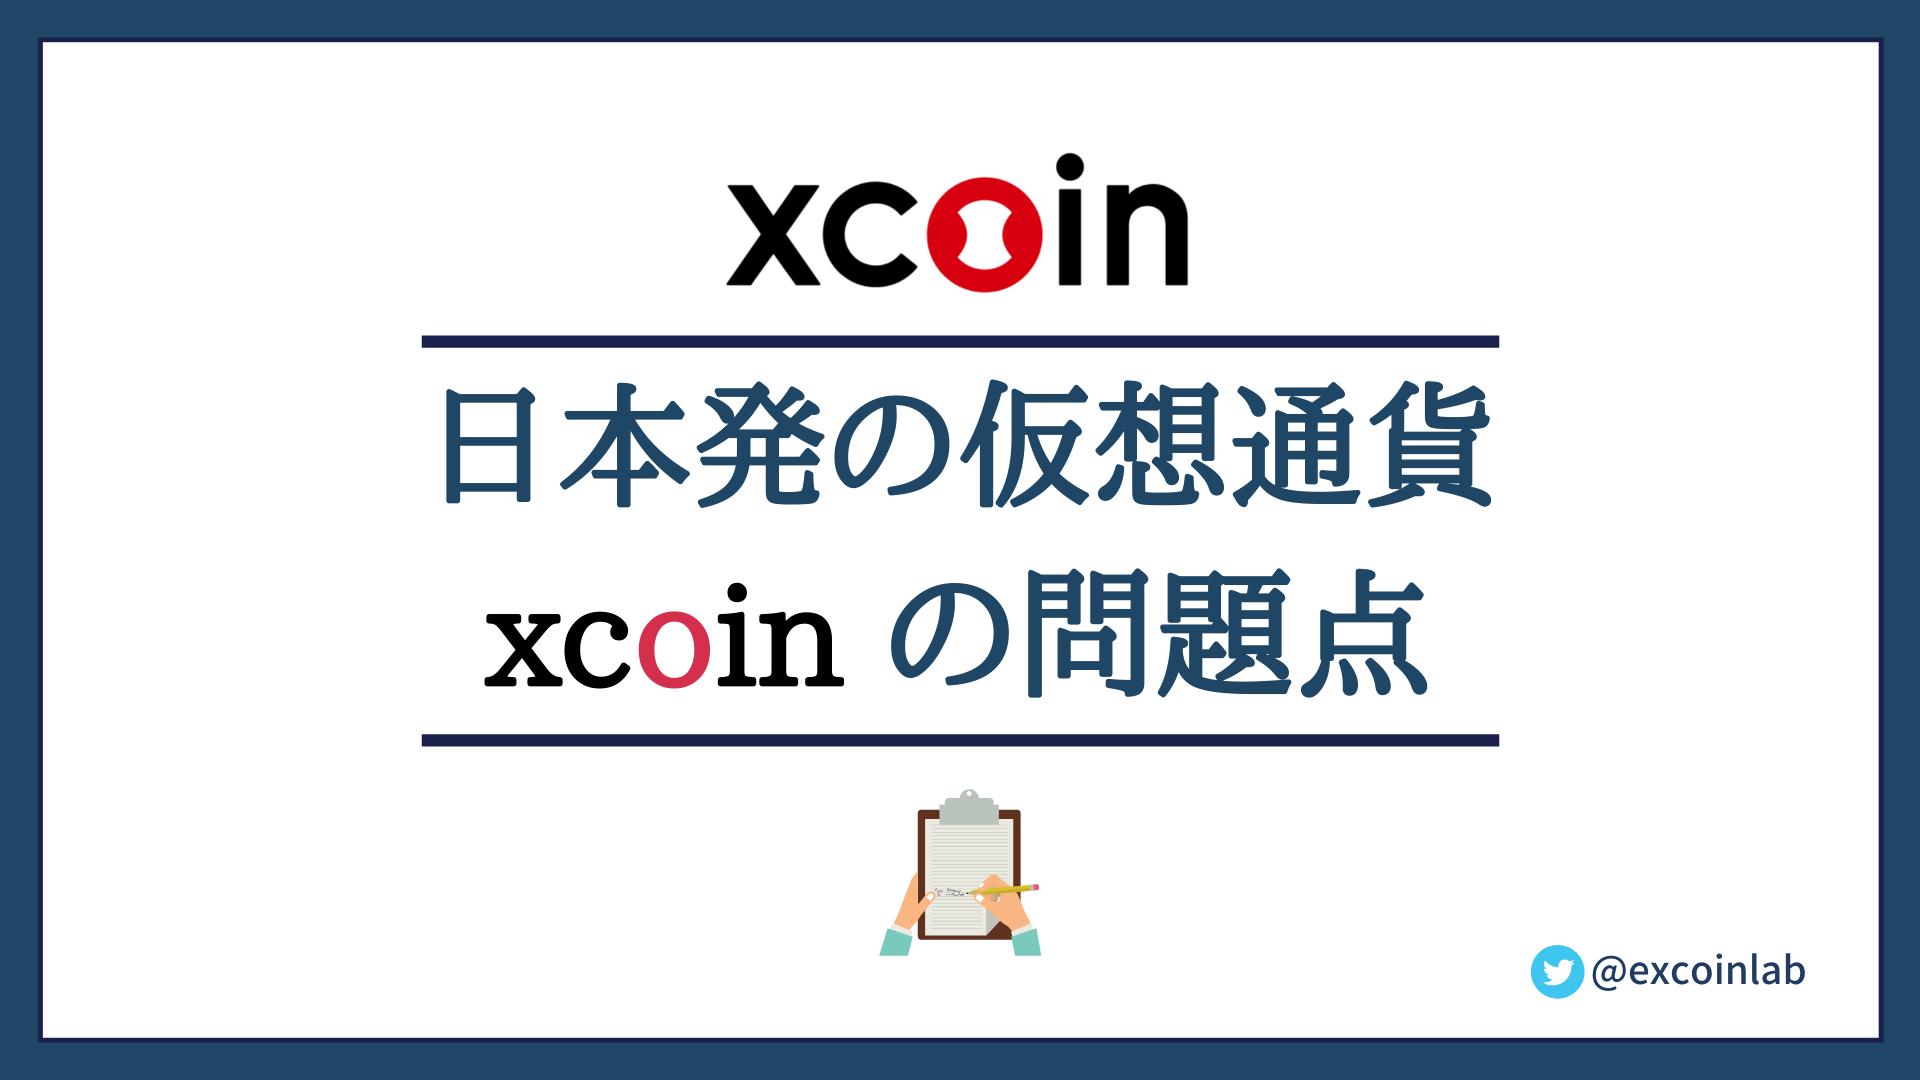 Xcoin(Xwallet)の問題点